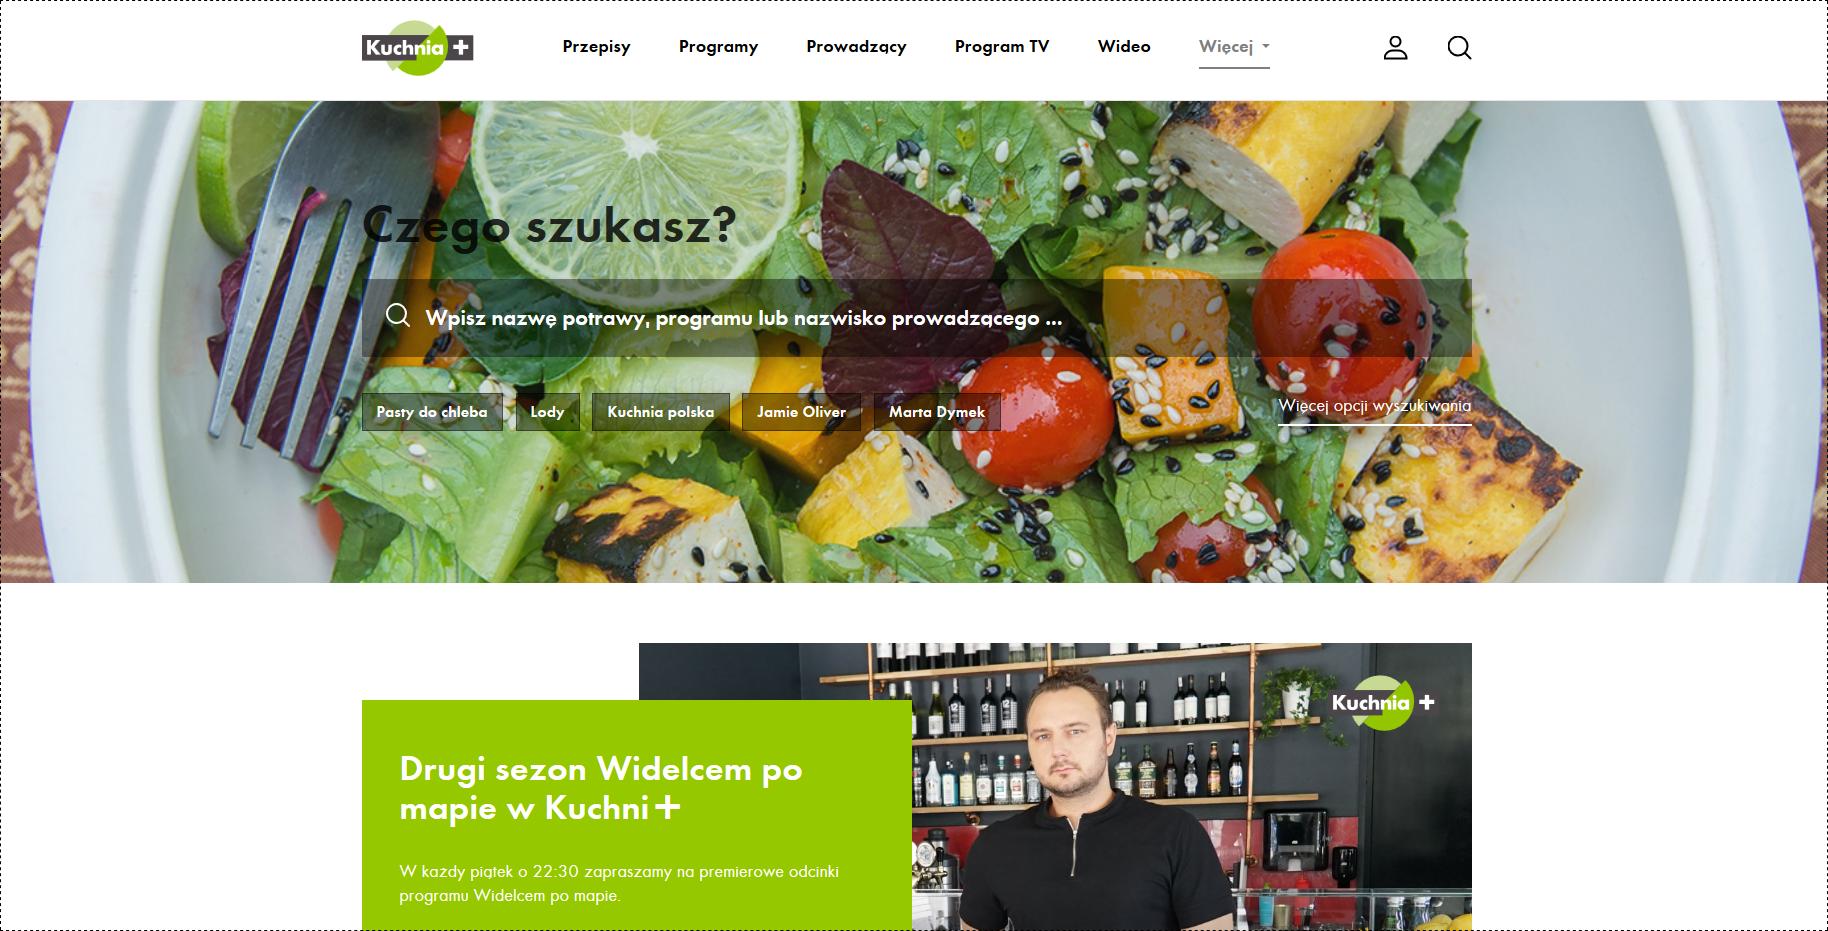 Kuchnia+ zmienia się w internecie